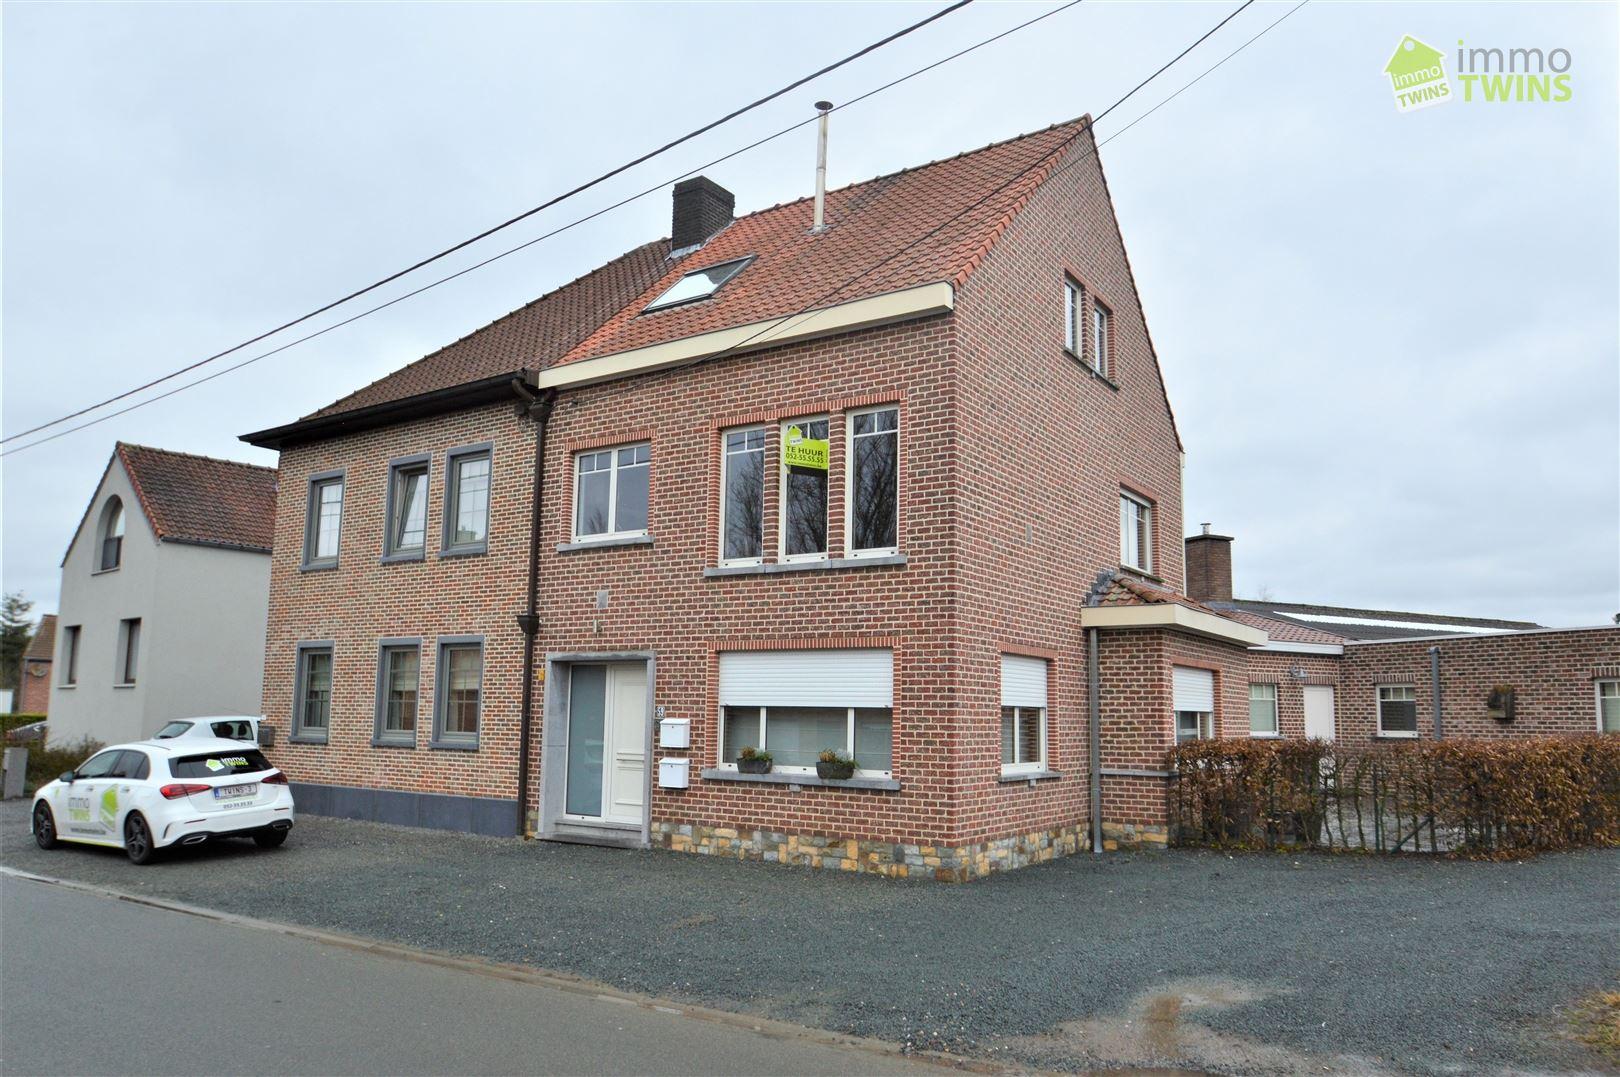 Foto 1 : Appartement te 9255 Buggenhout (België) - Prijs € 630